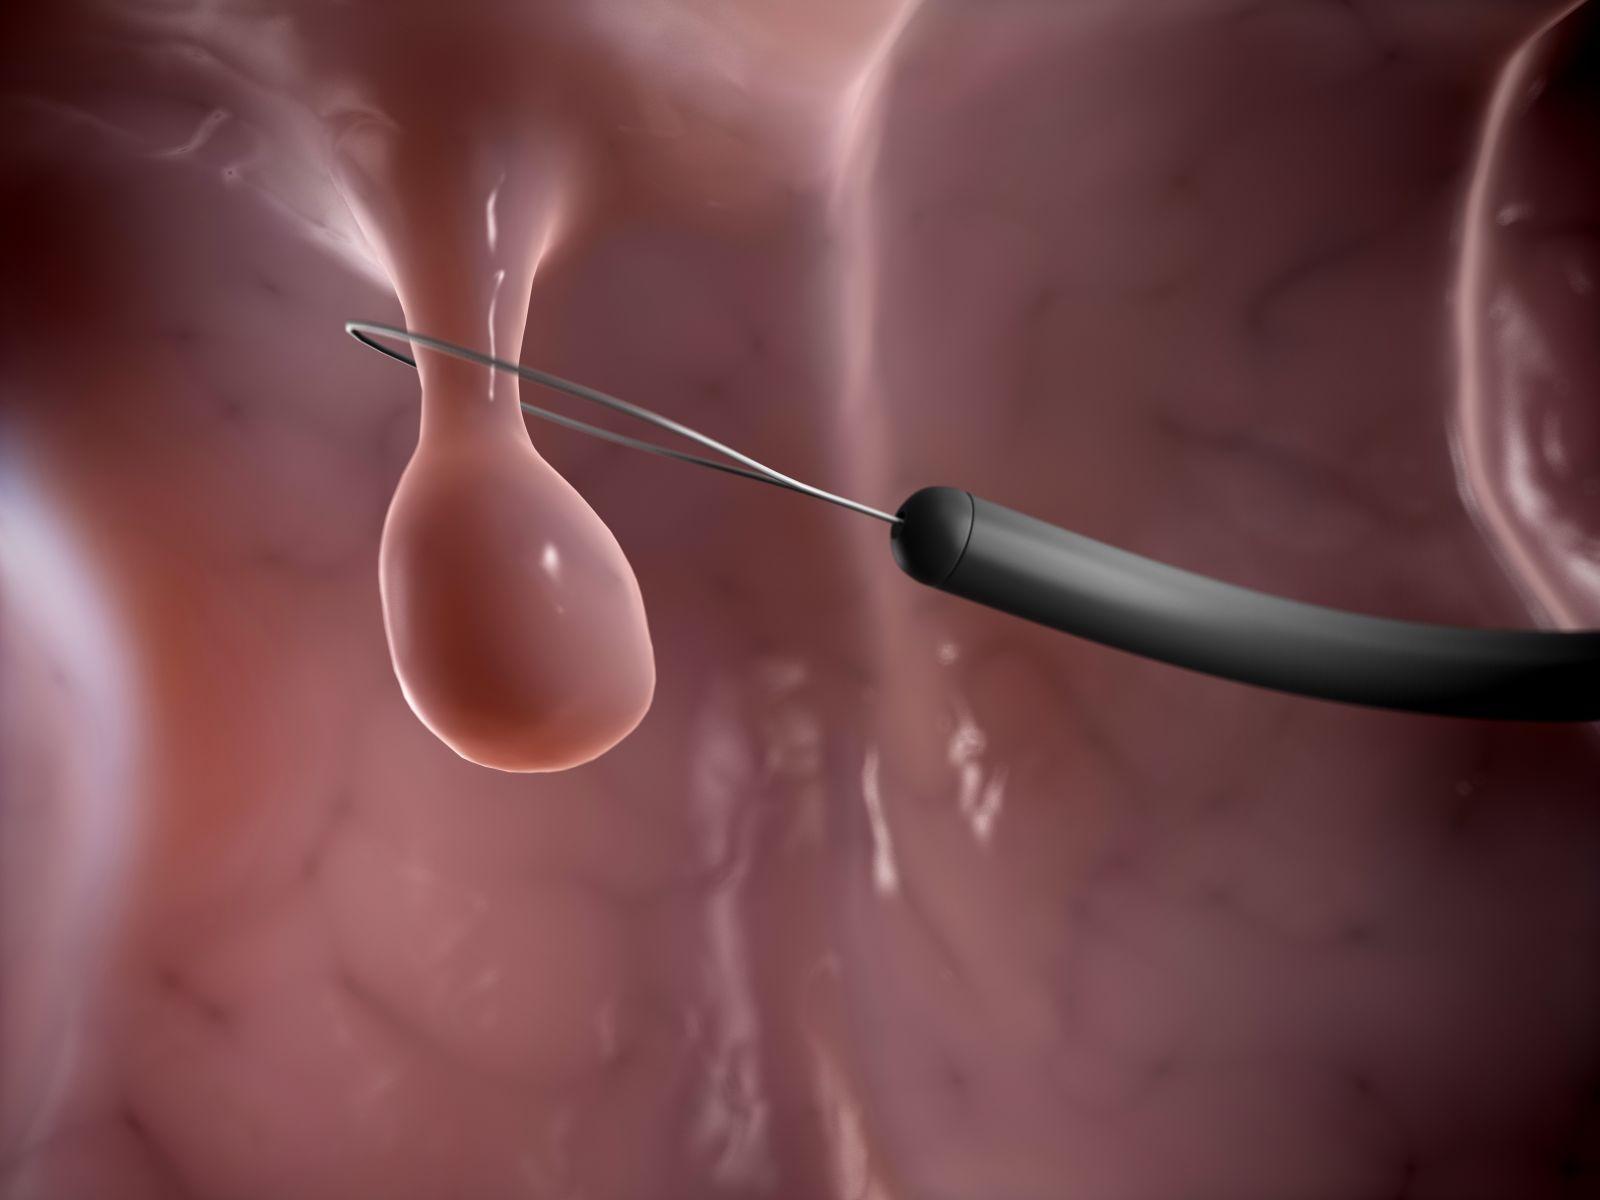 Sau khi cắt polyp đại tràng